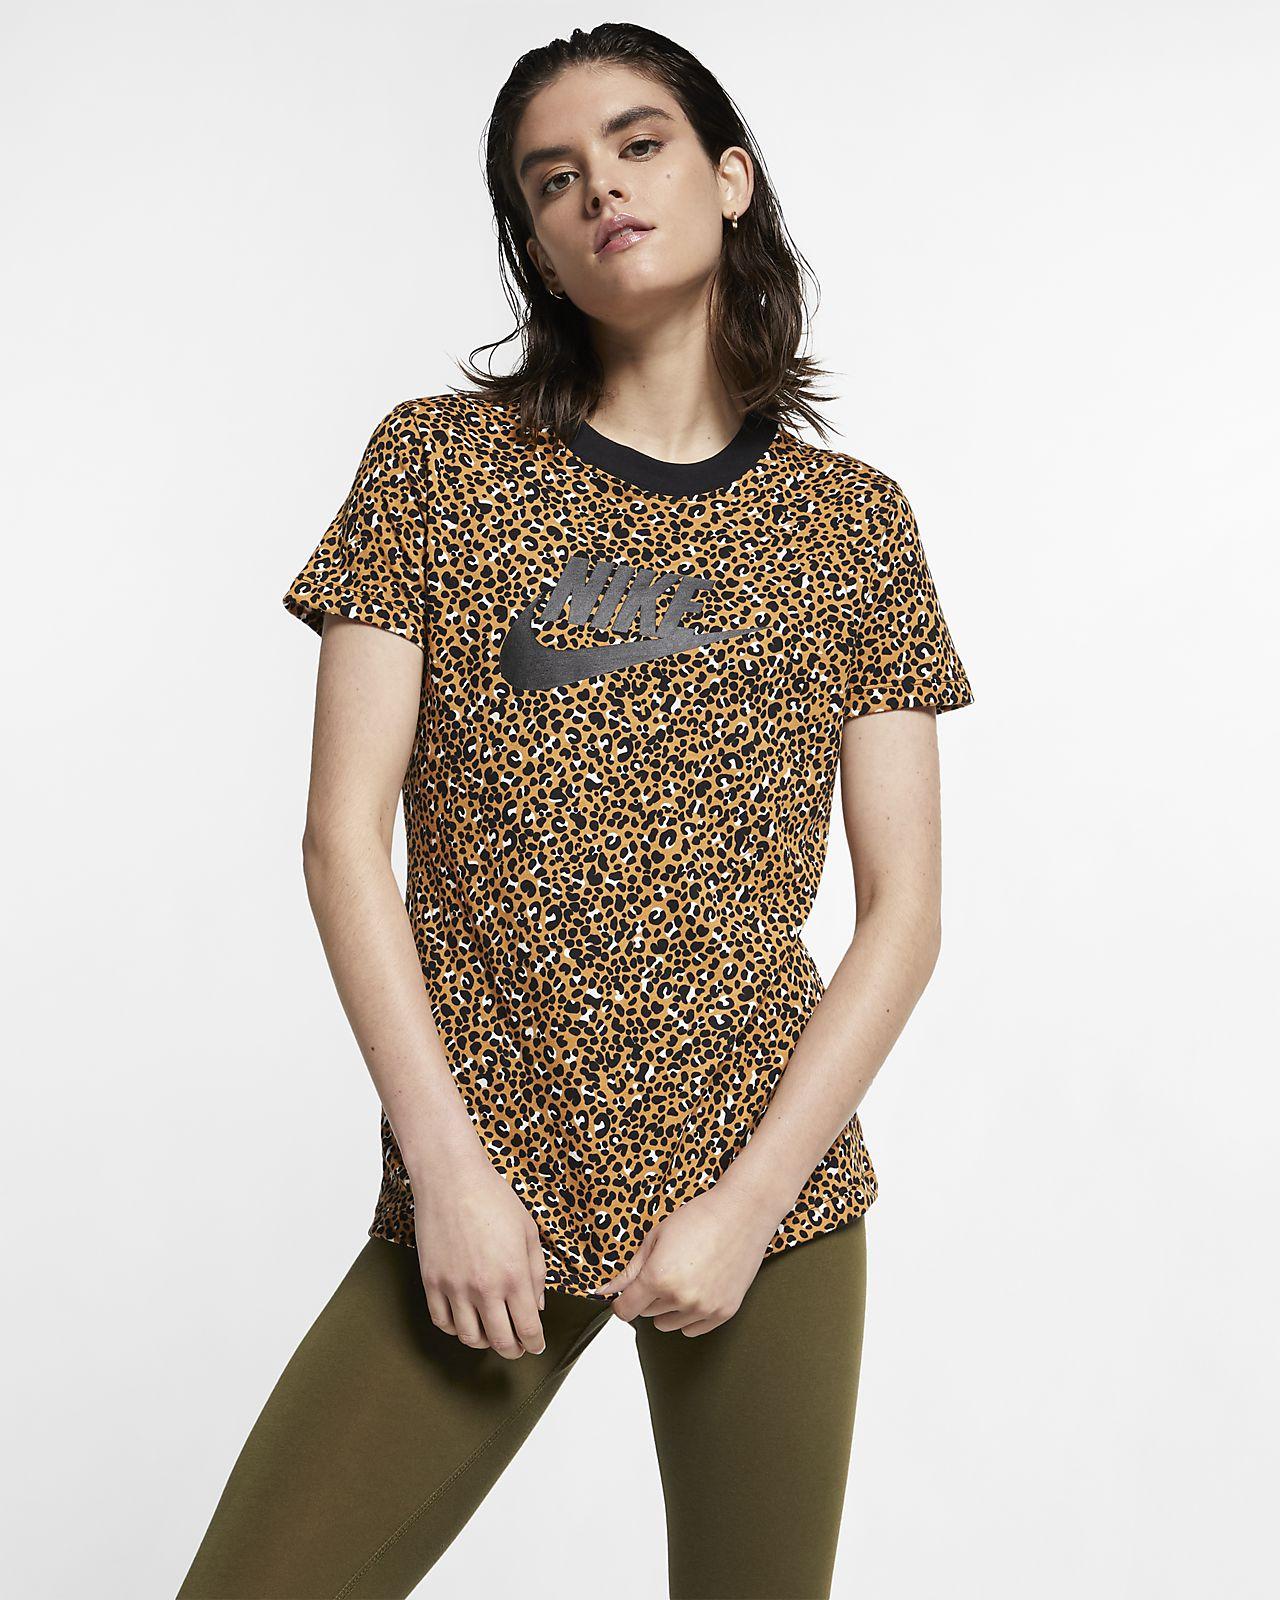 T-shirt Nike Sportswear Animal Print för kvinnor